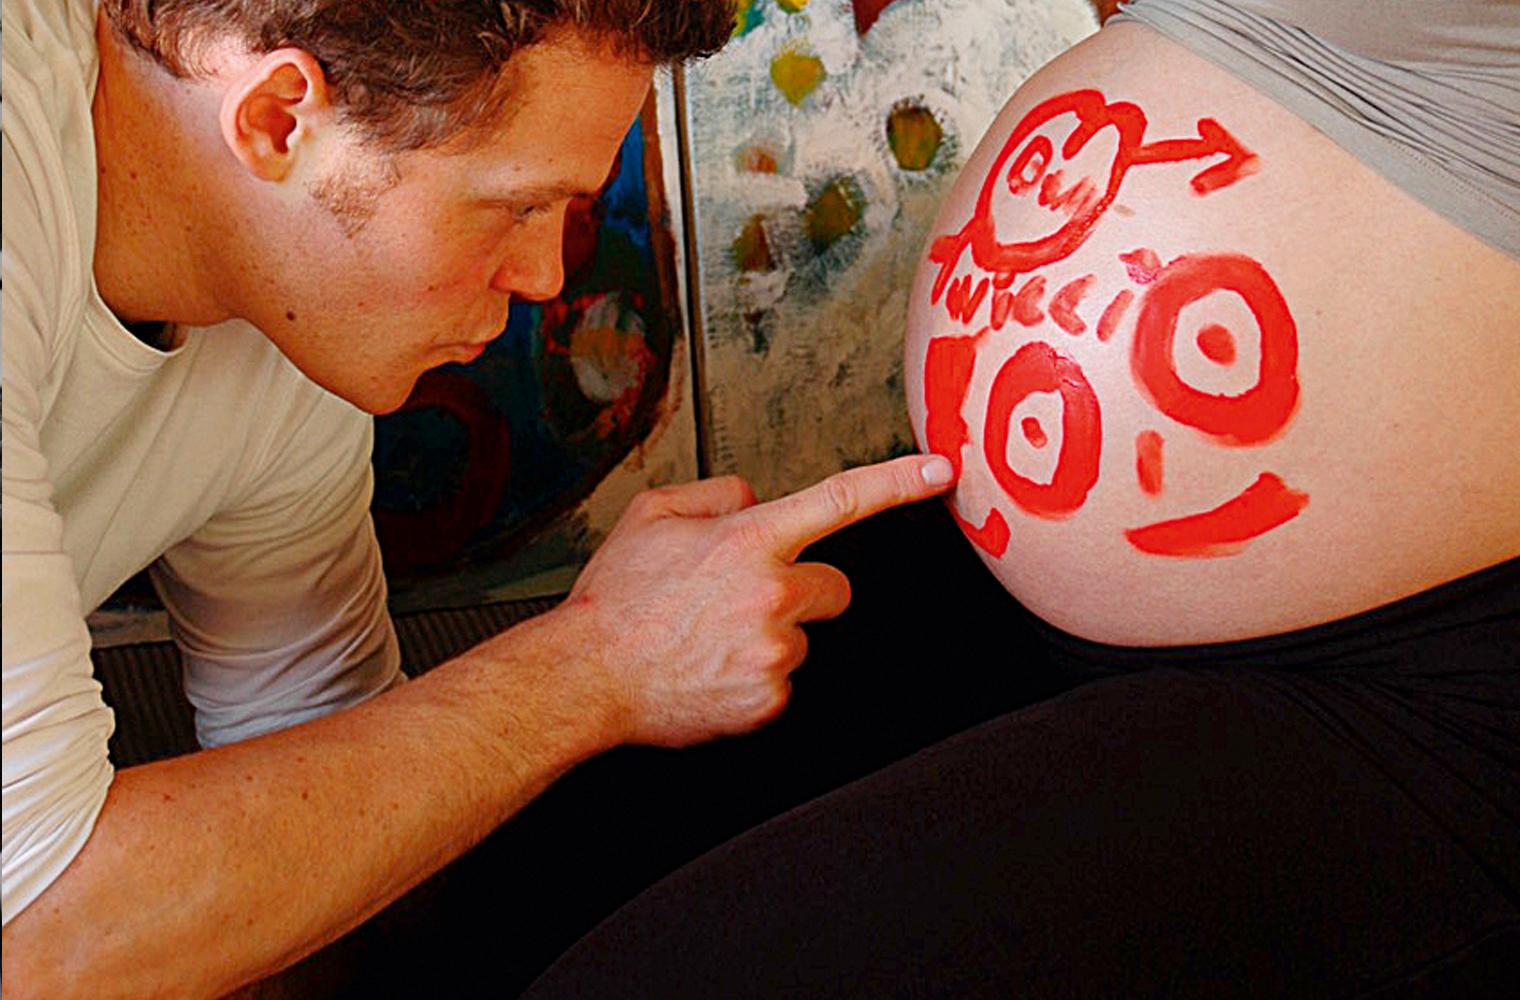 Sanft mit dem Zeigefinger bemalt der Partner von Birte Müller deren hochschwangeren nackten Bauch mit einem lachenden Gesicht, dem Symbol für männl...